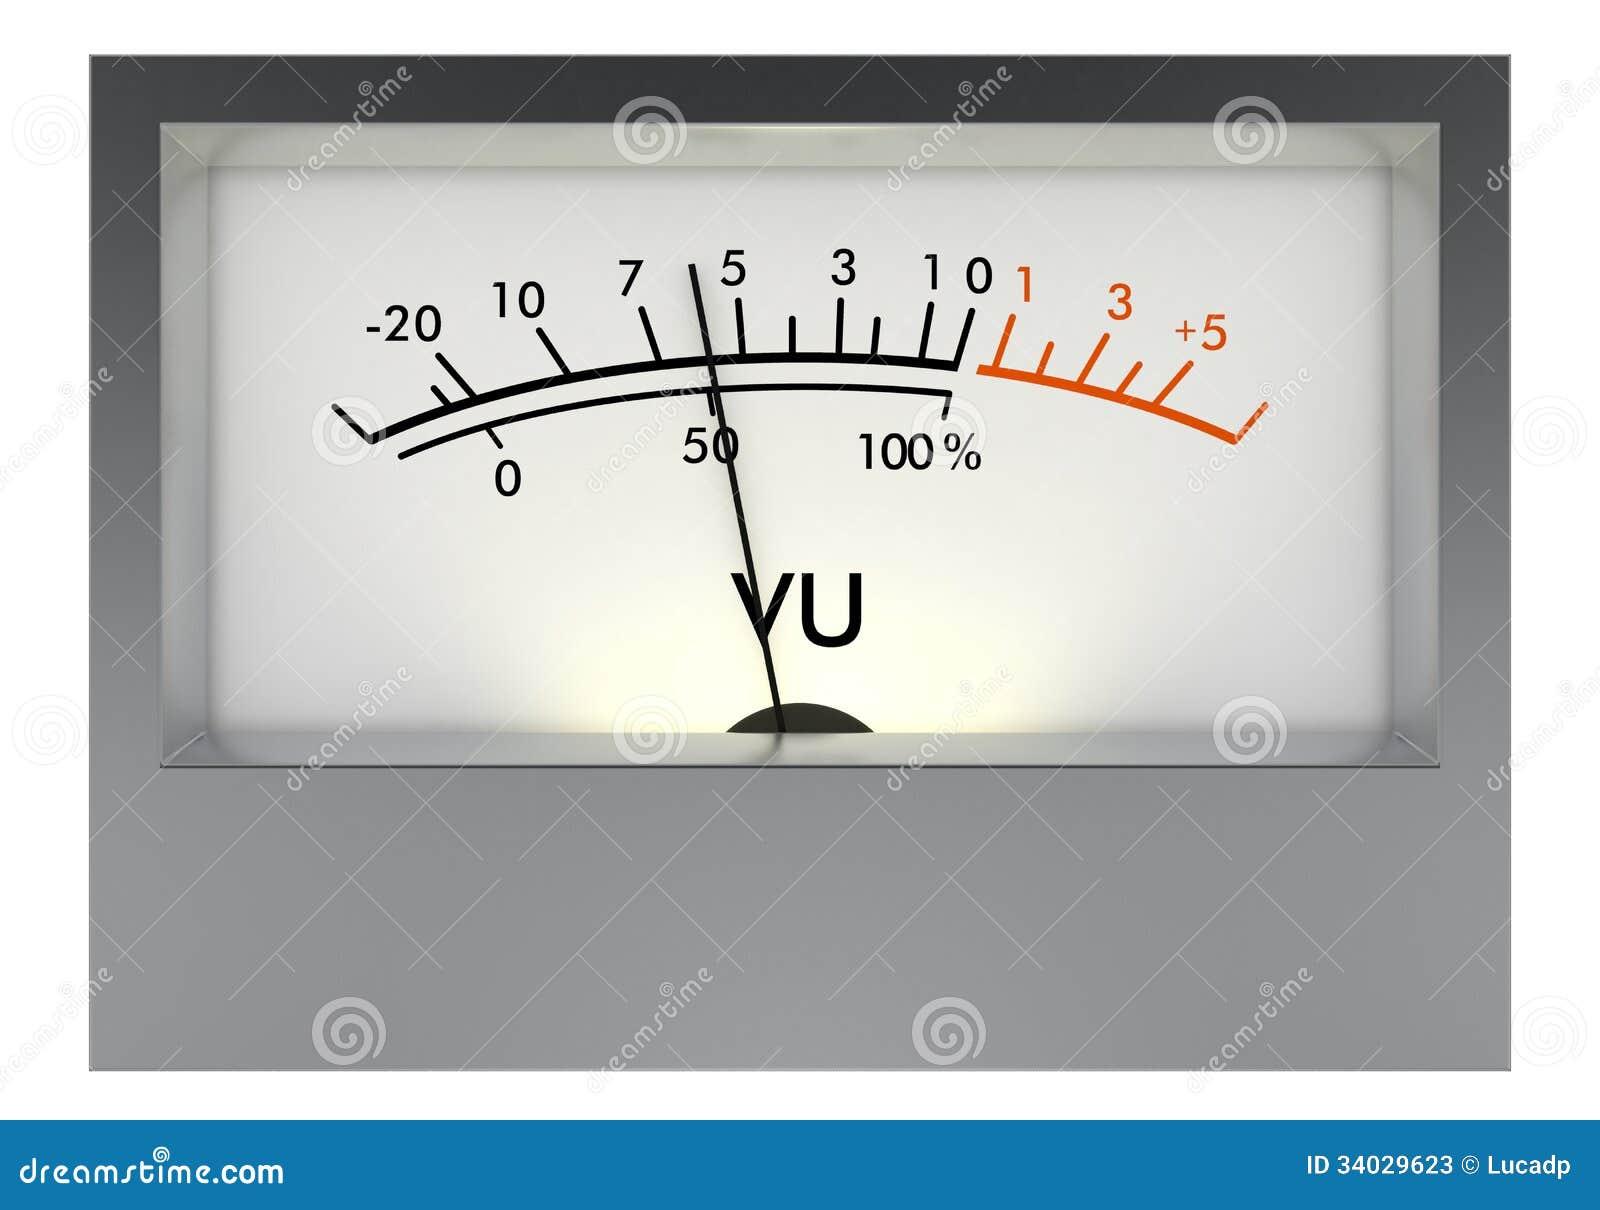 Analog Vu Meter : Analog vu meter stock photos image